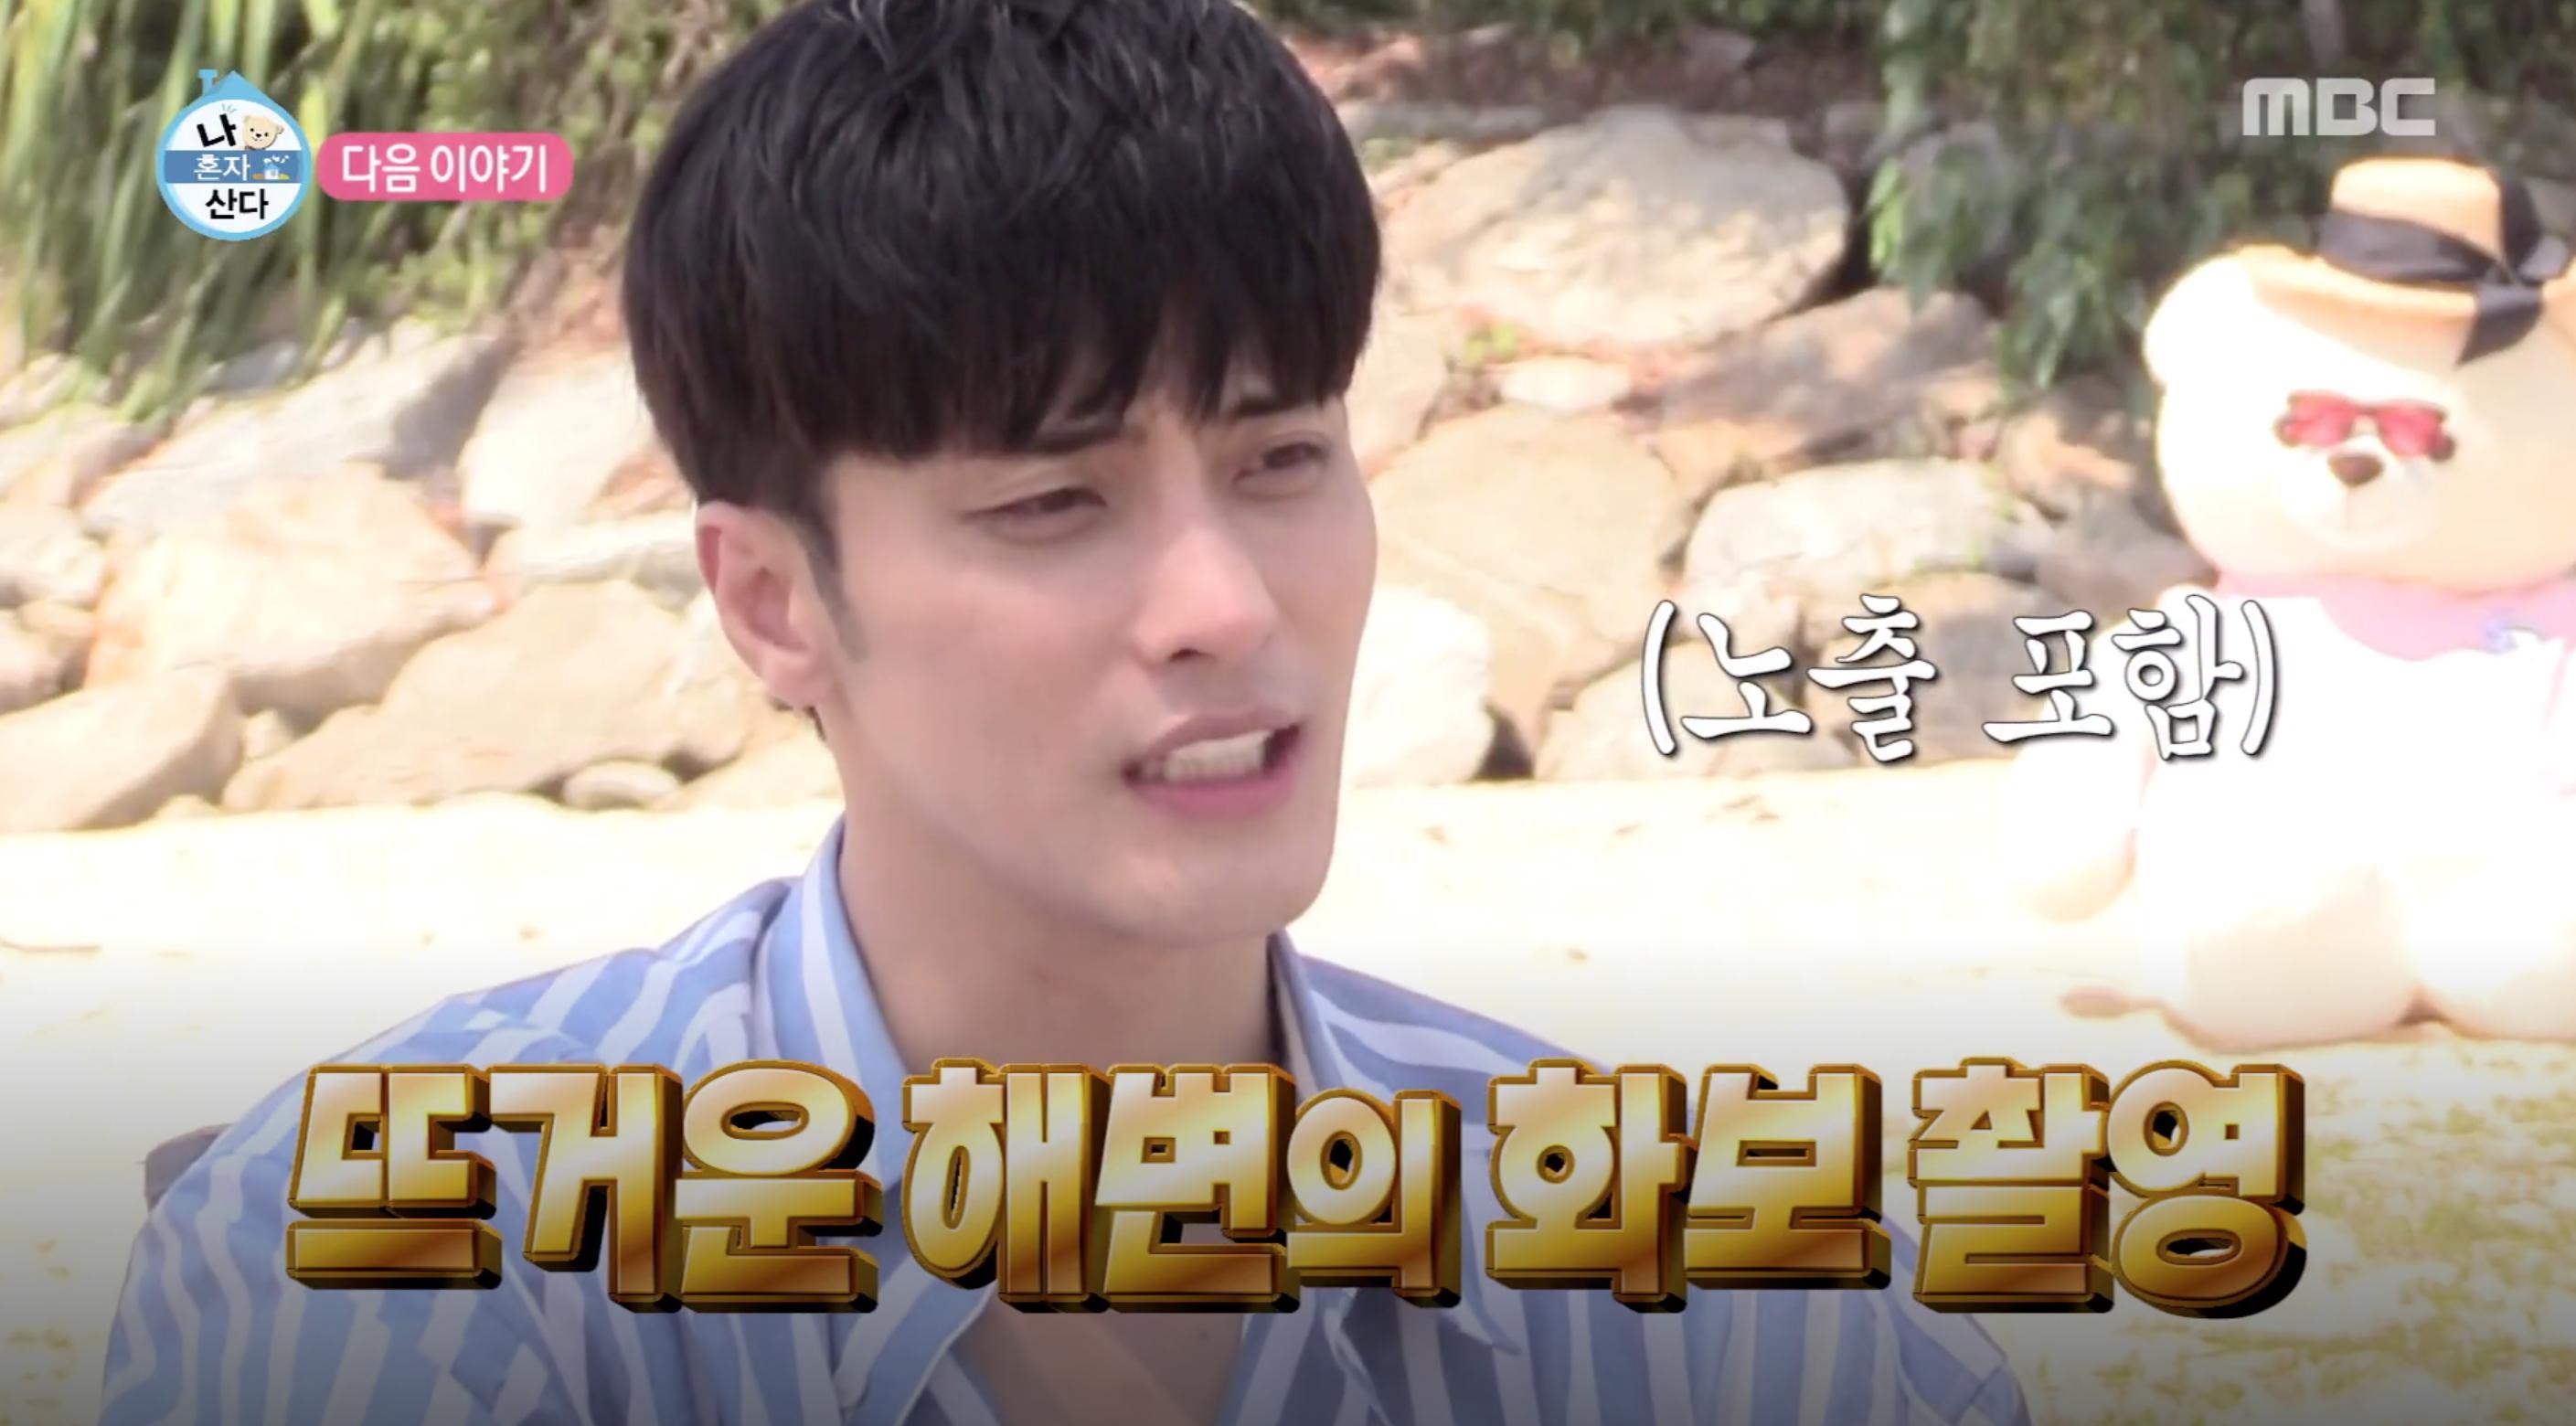 다음 주 '나혼산'에서 난리 난다는 성훈 비주얼 (영상)